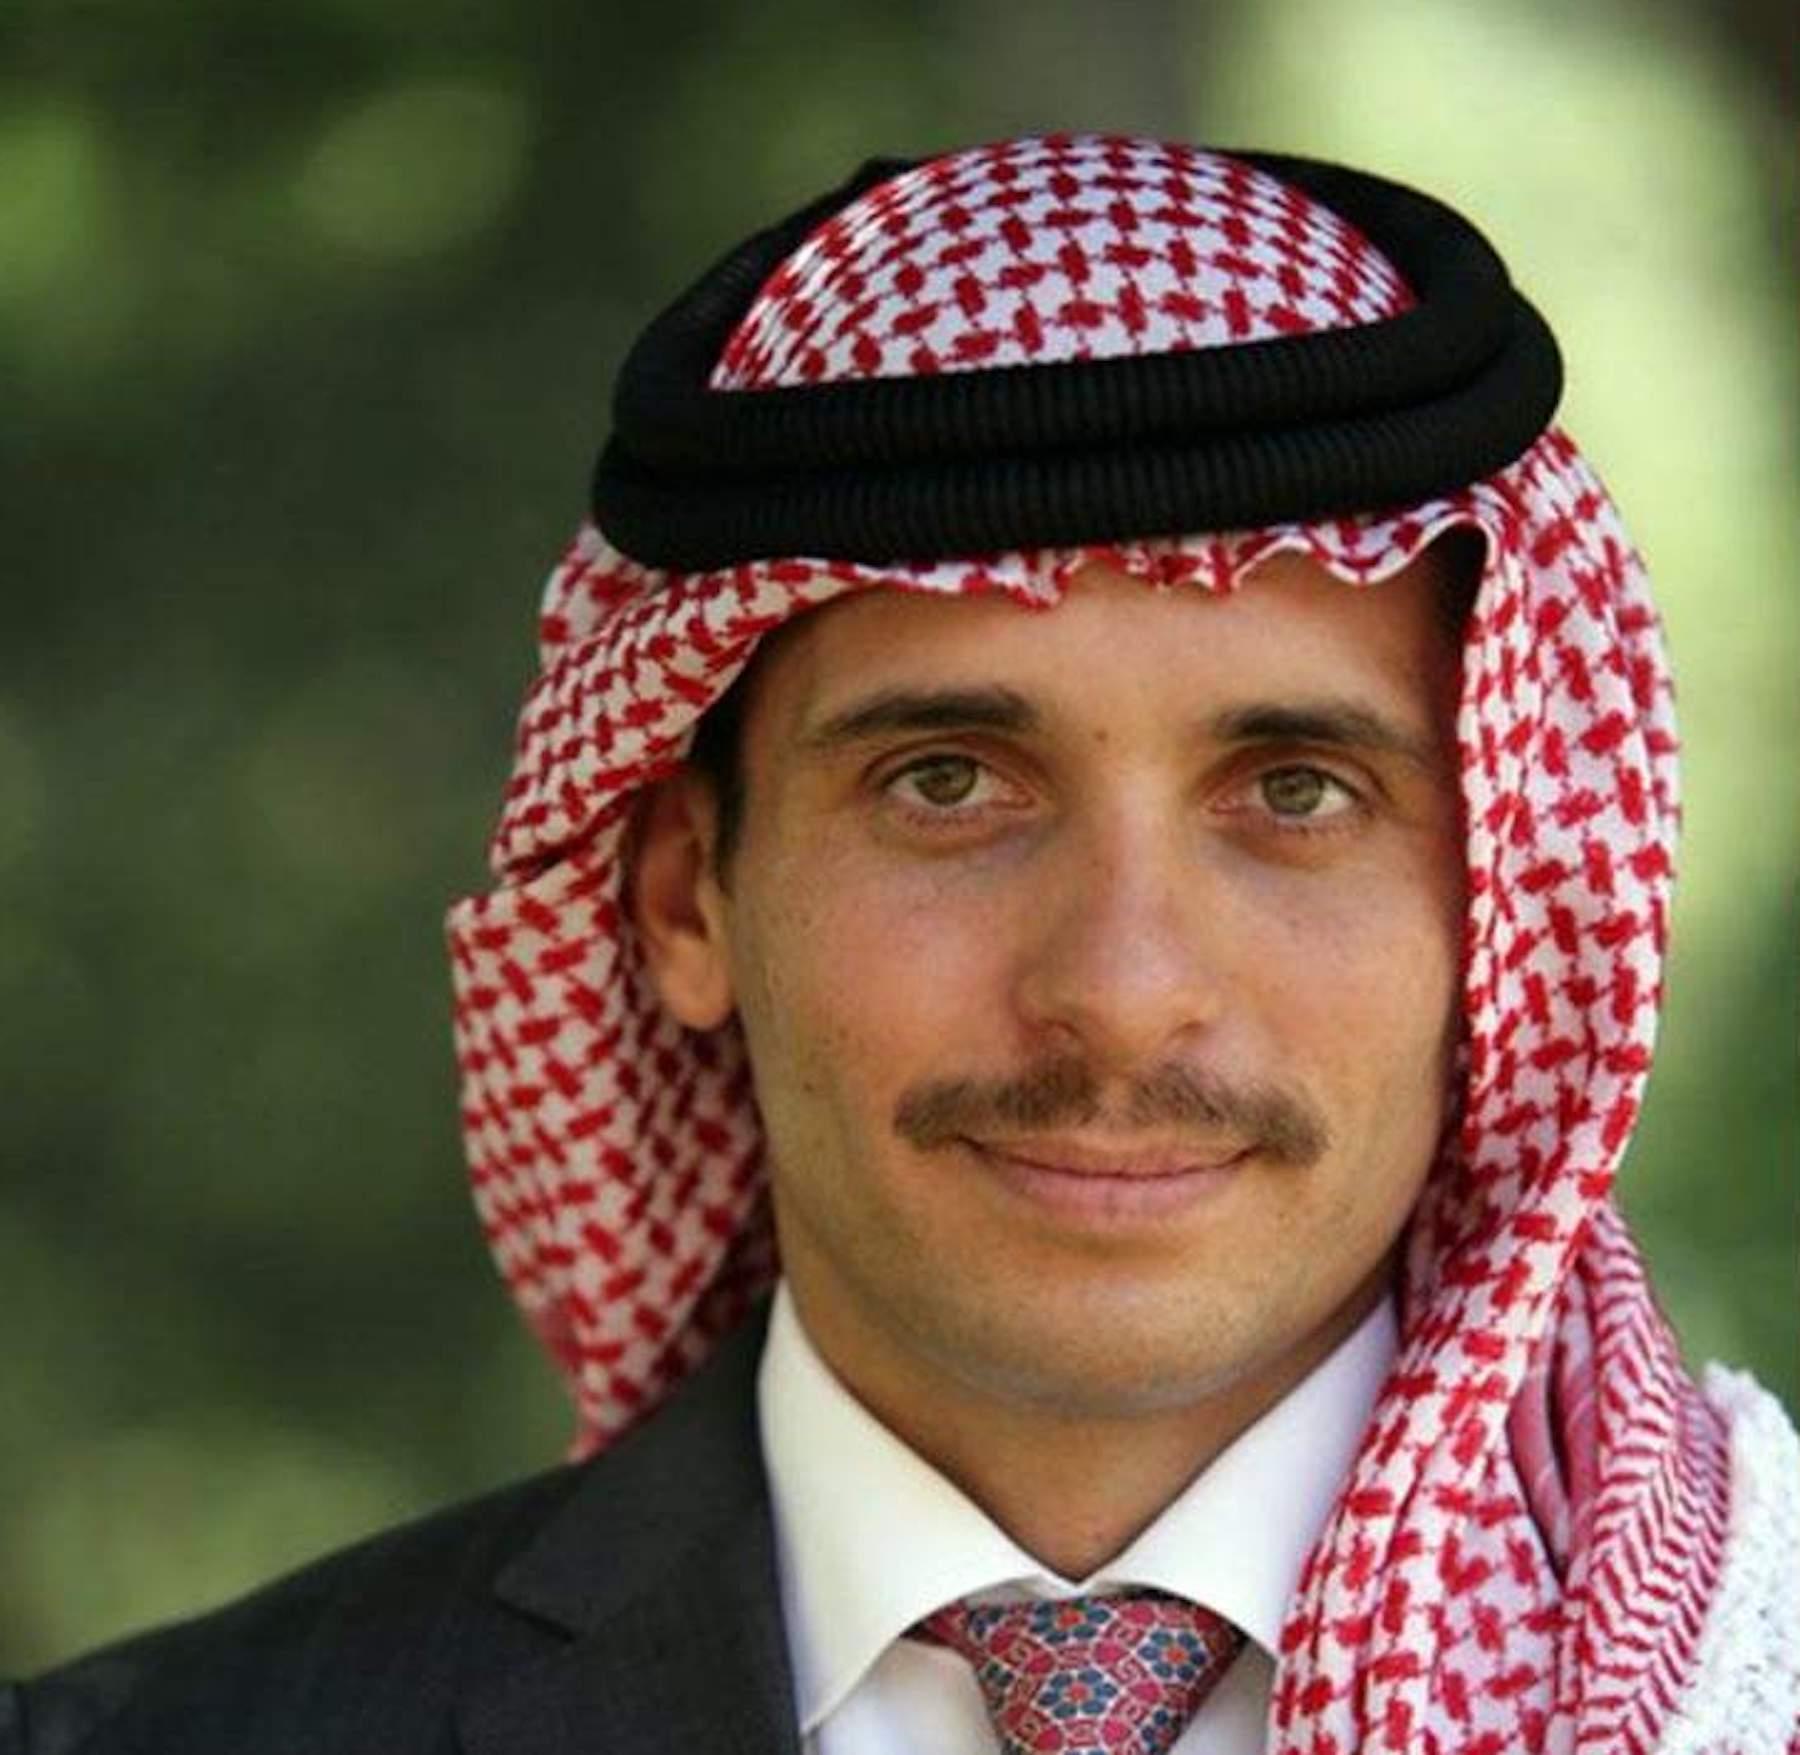 Prince Hamzah Bin Husein